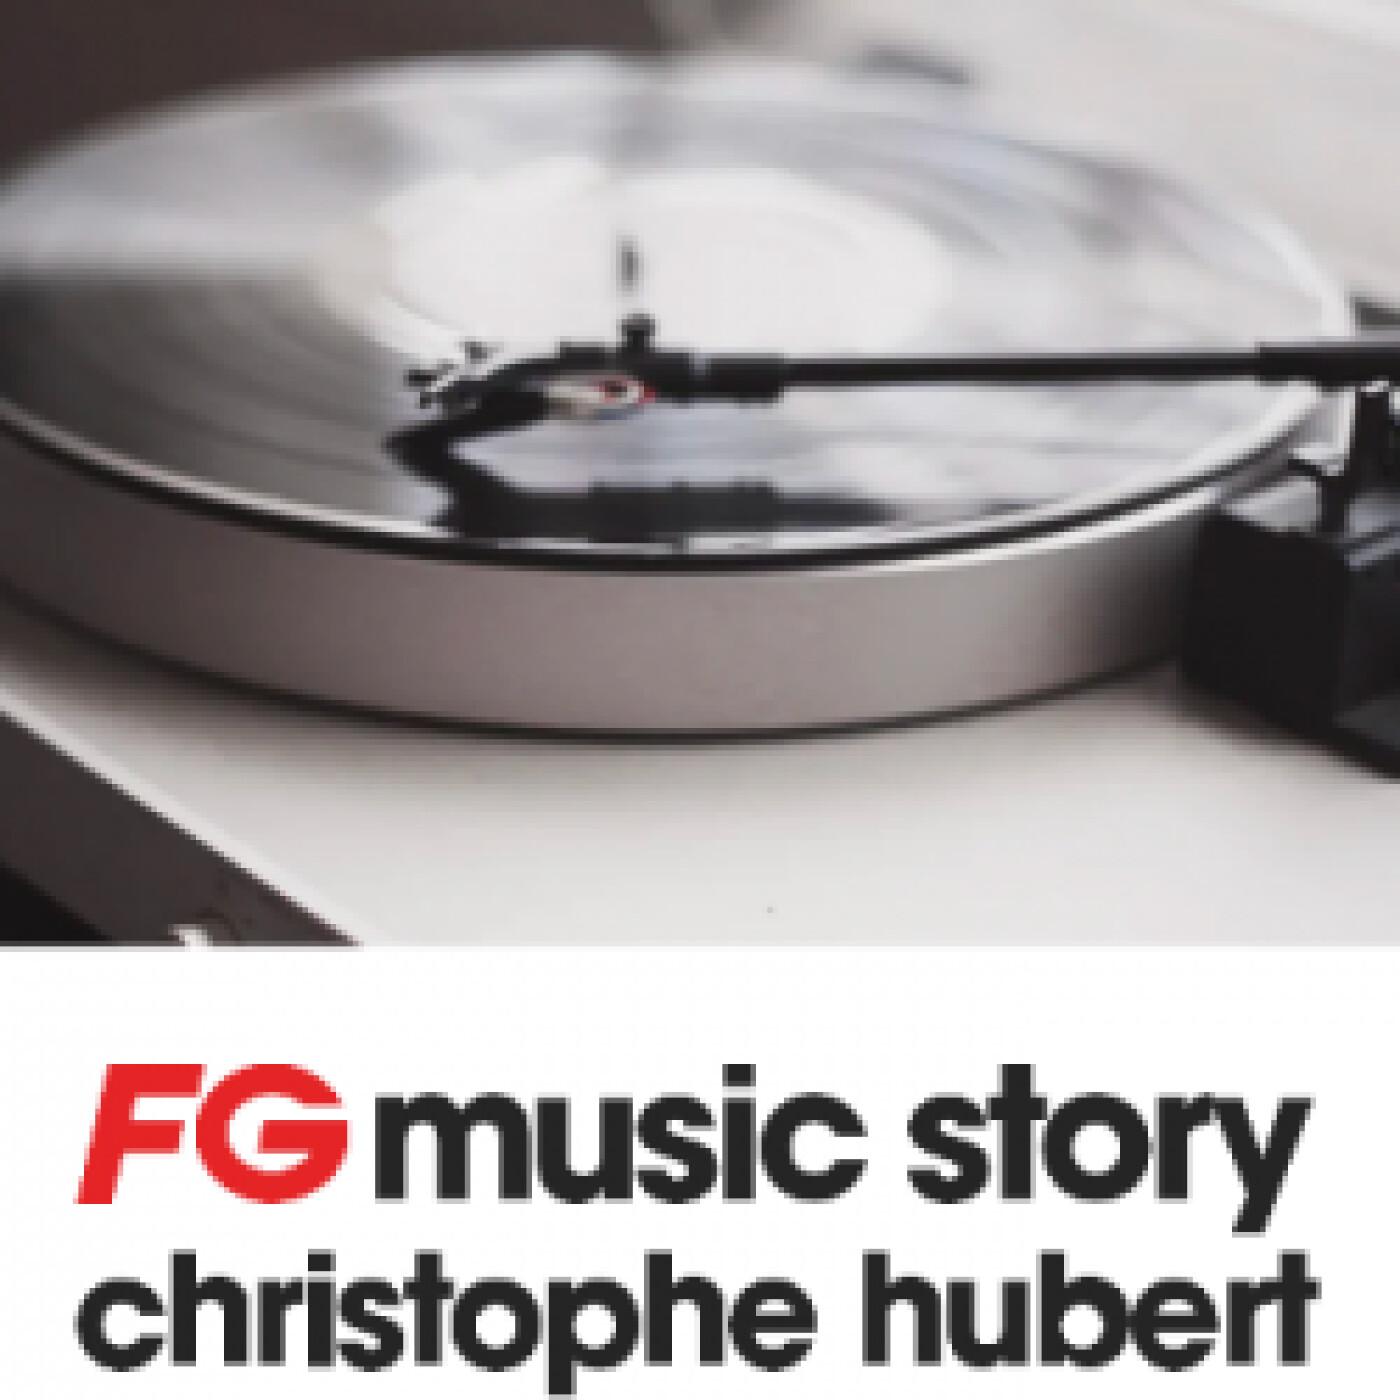 FG MUSIC STORY : GLITTERBOX